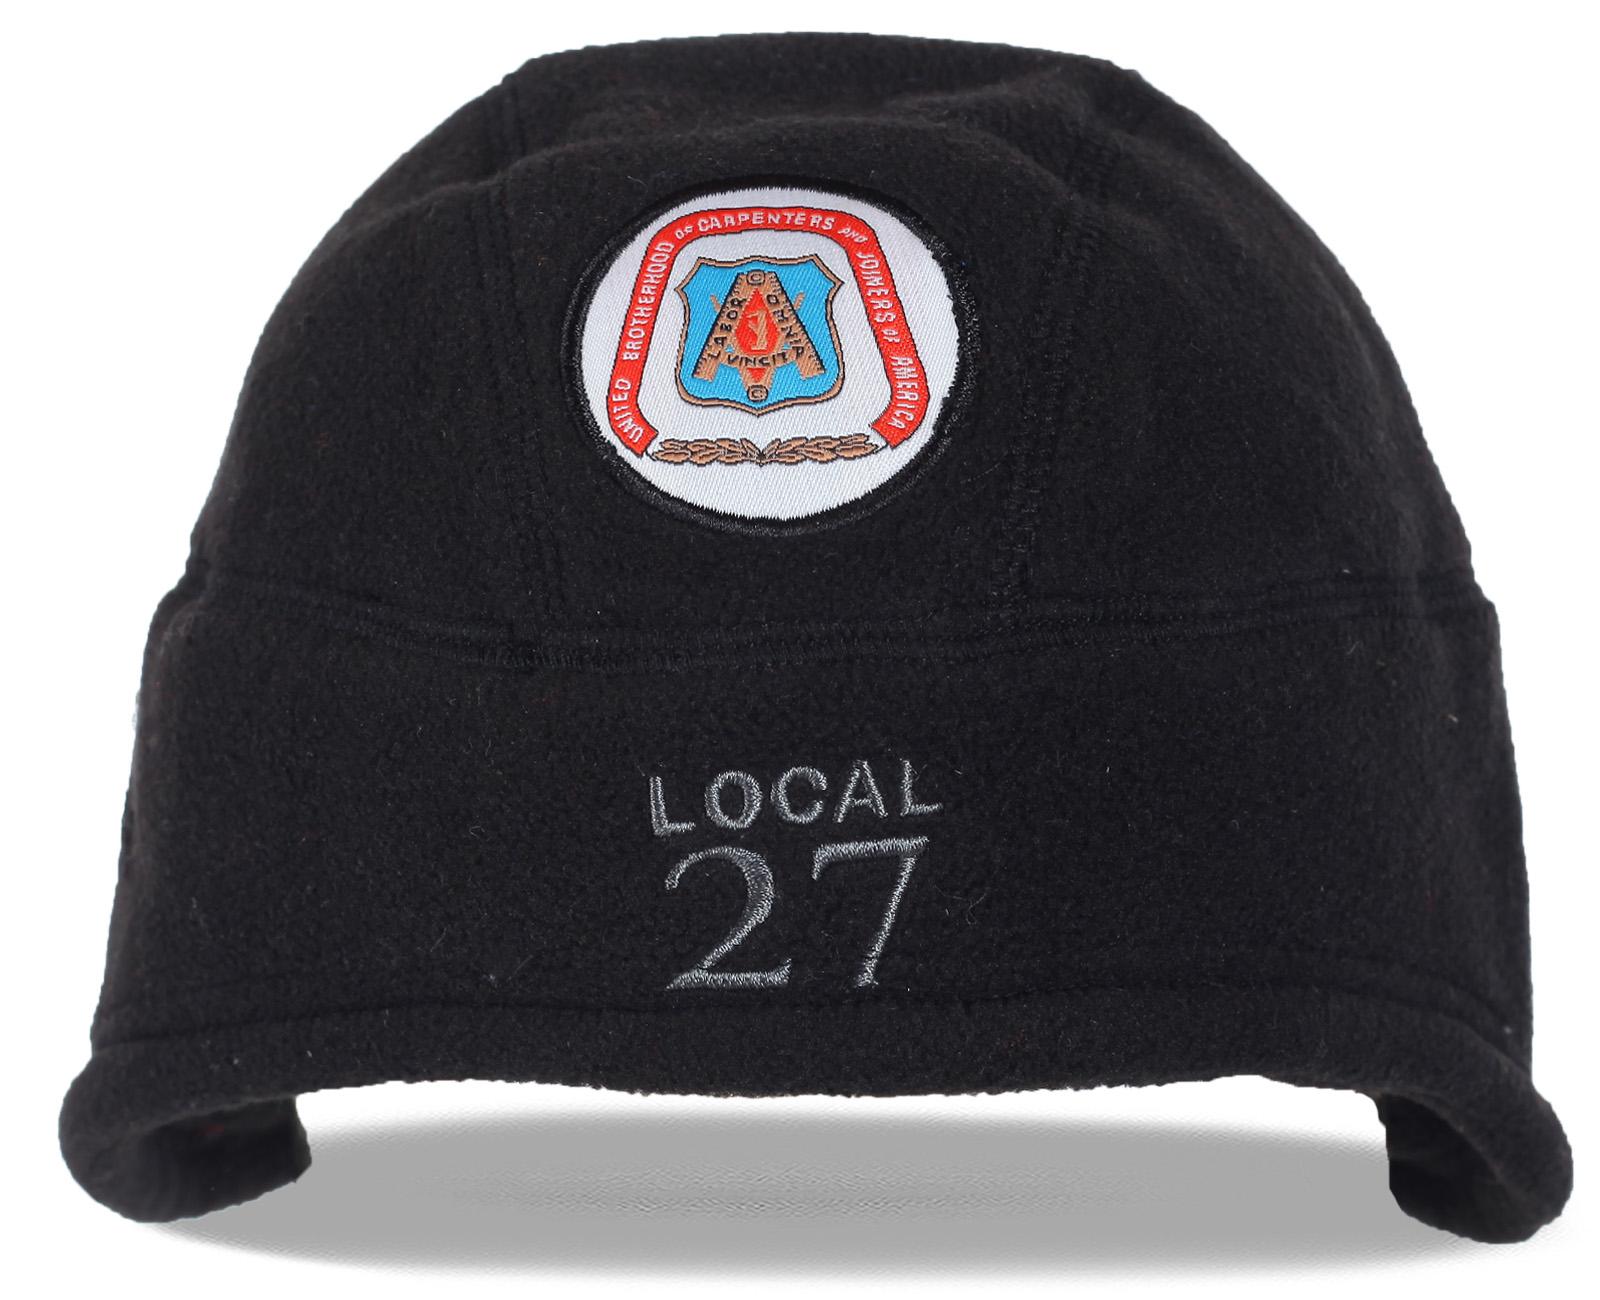 Лаконичная мужская флисовая шапка со стильной нашивкой. Приобретайте сейчас комфорт и качество по минимальной цене